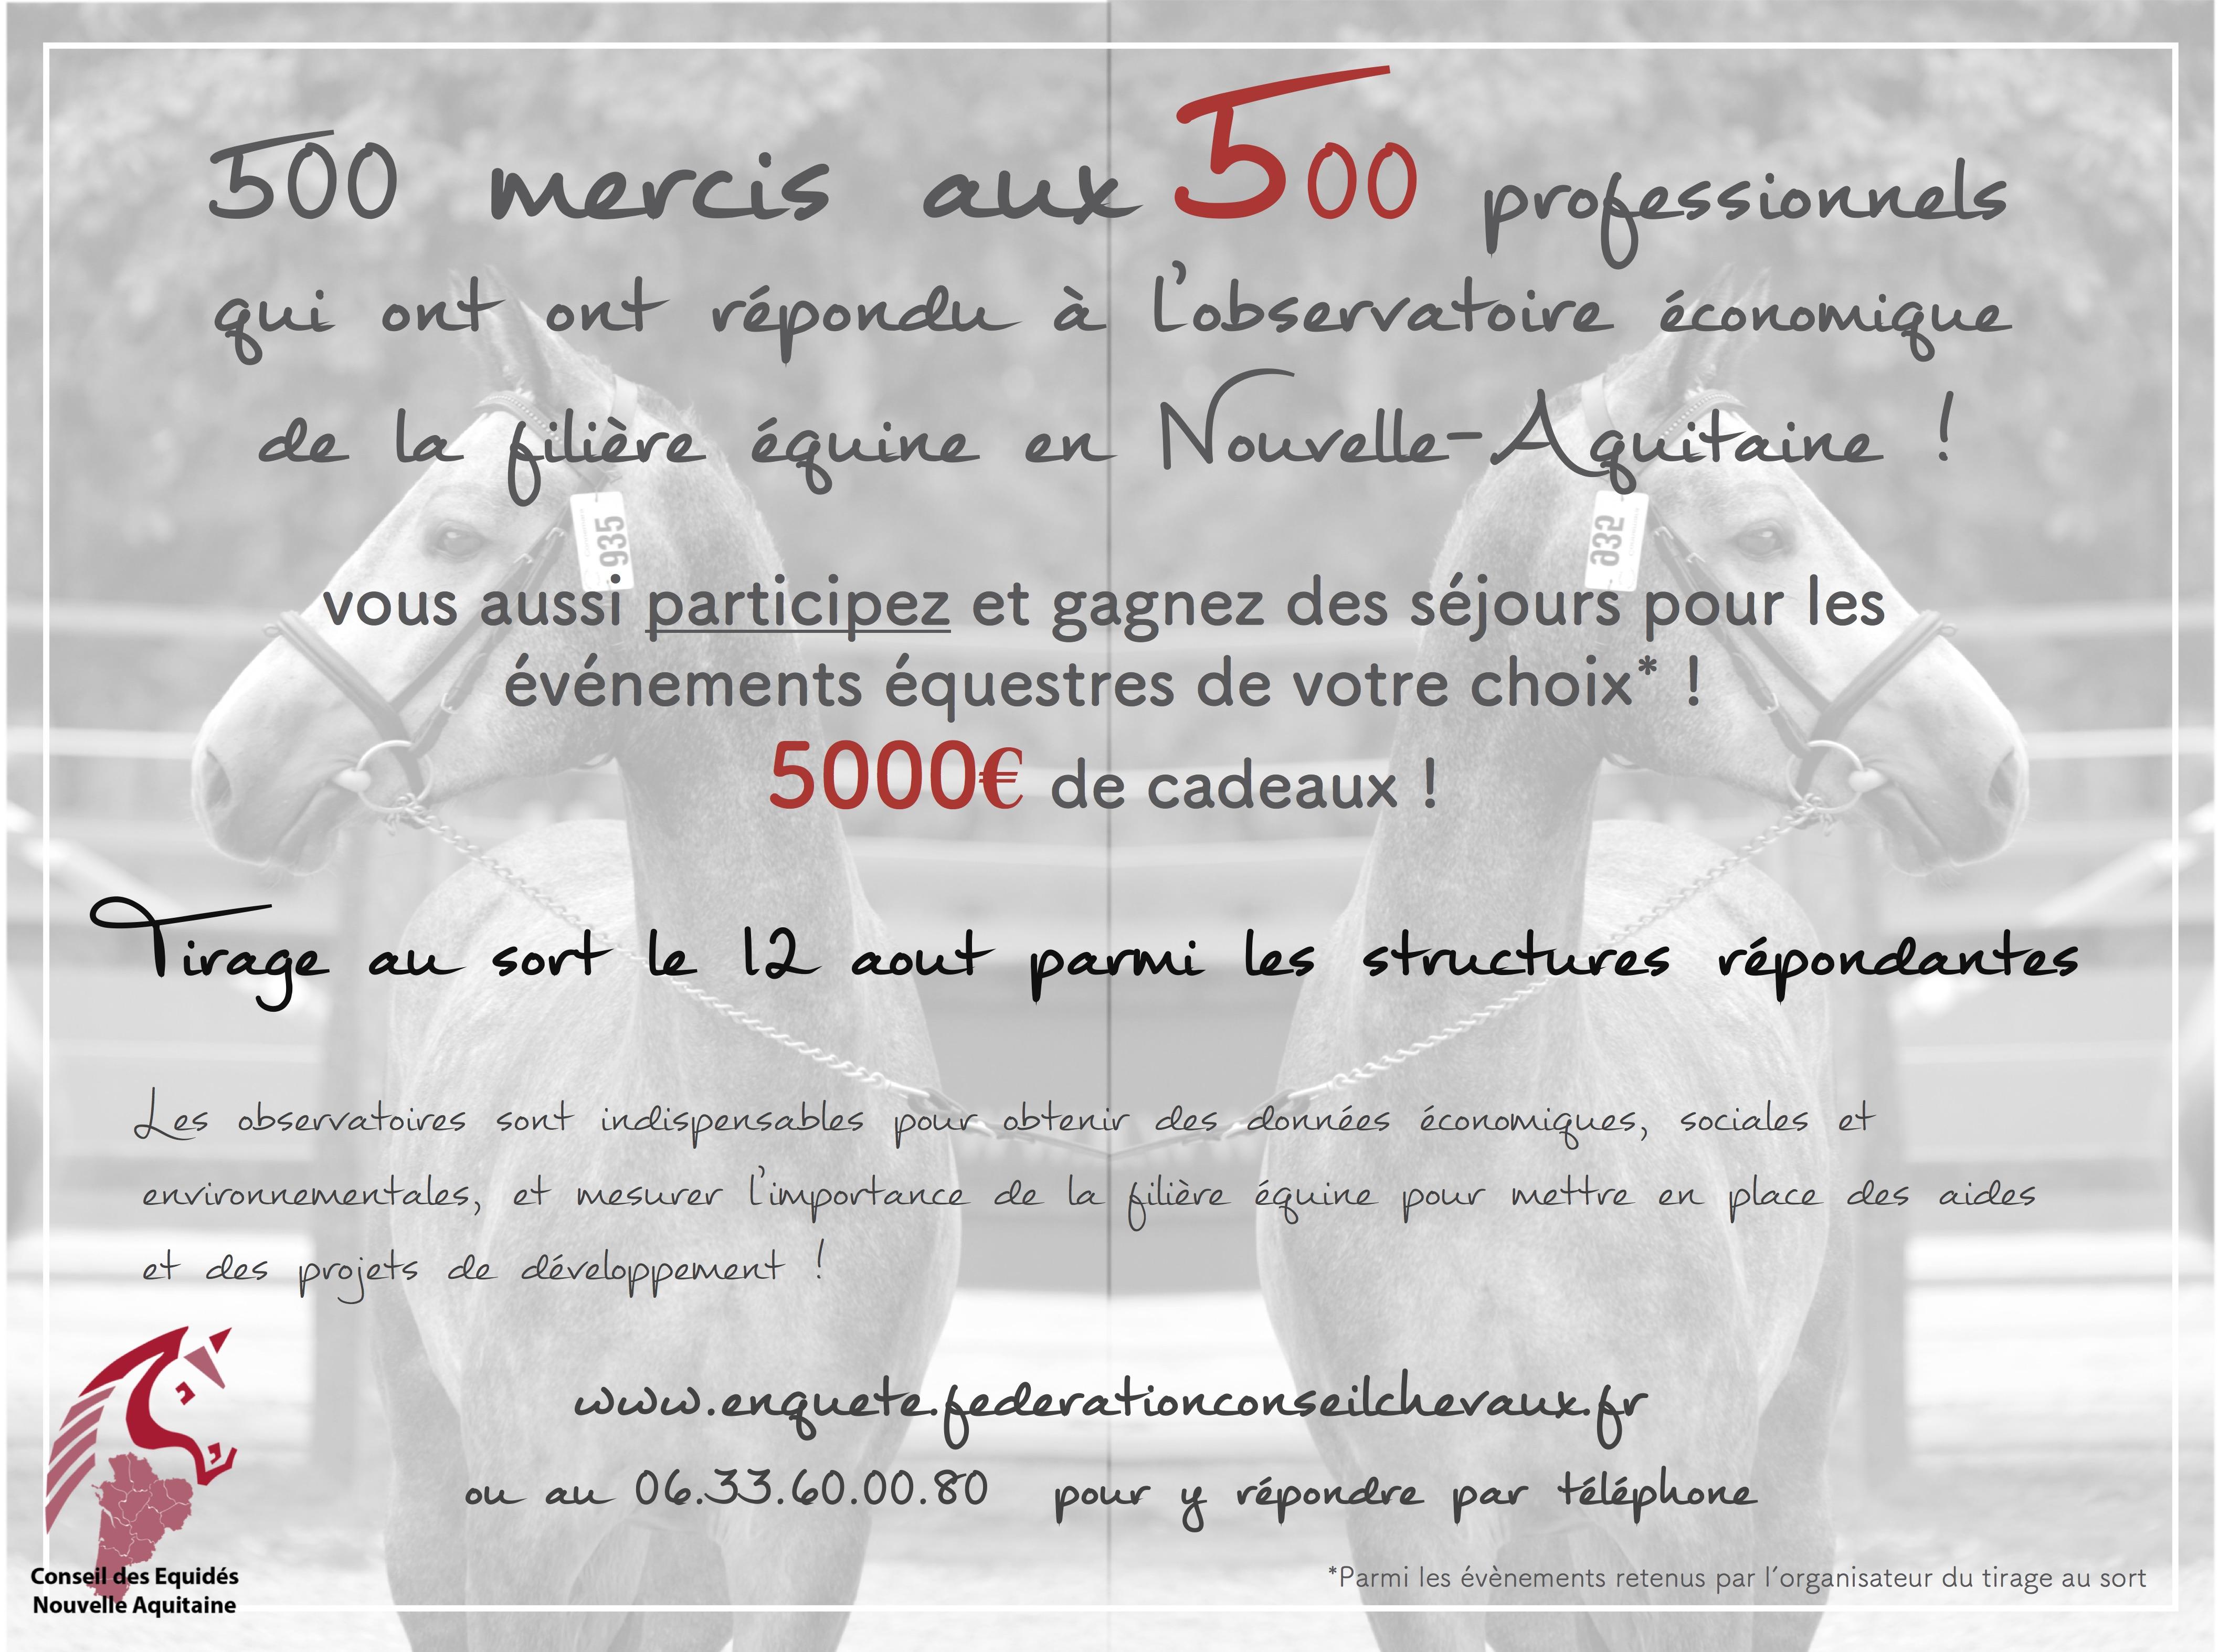 Observatoire Economique Nouvelle Aquitaine